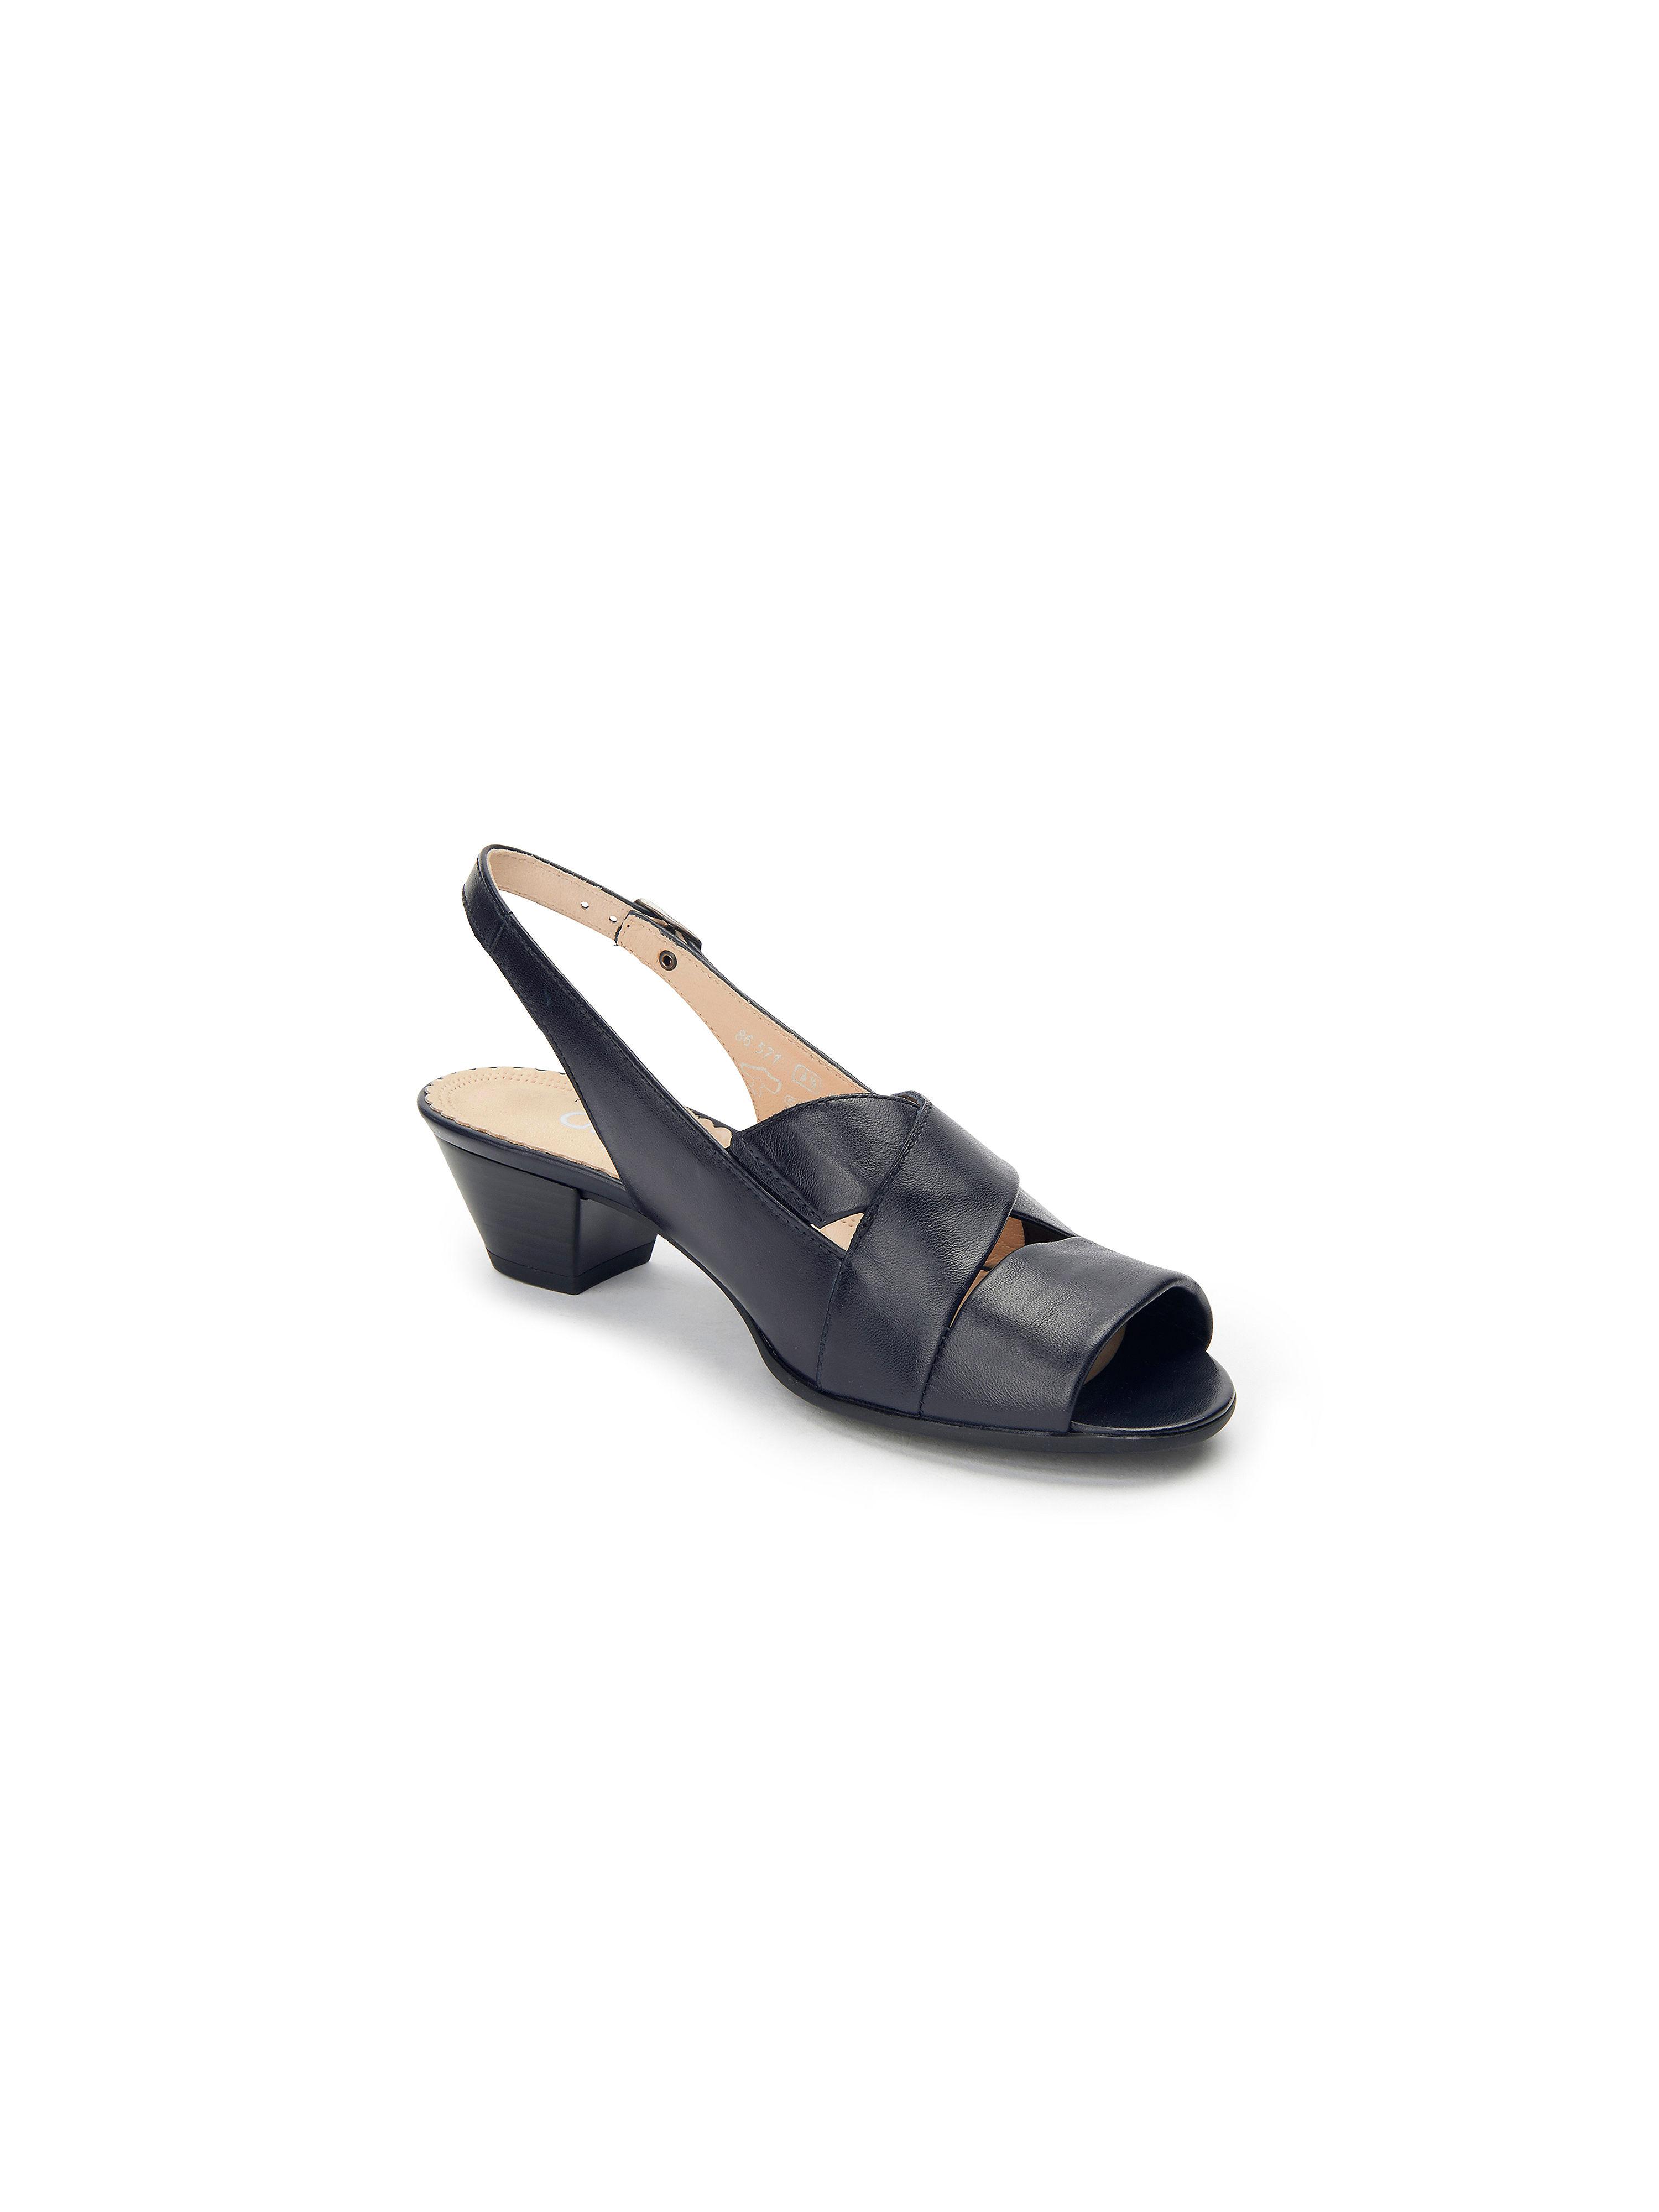 Gabor - Sandale aus 100% Leder - Marine Gute Qualität beliebte Schuhe